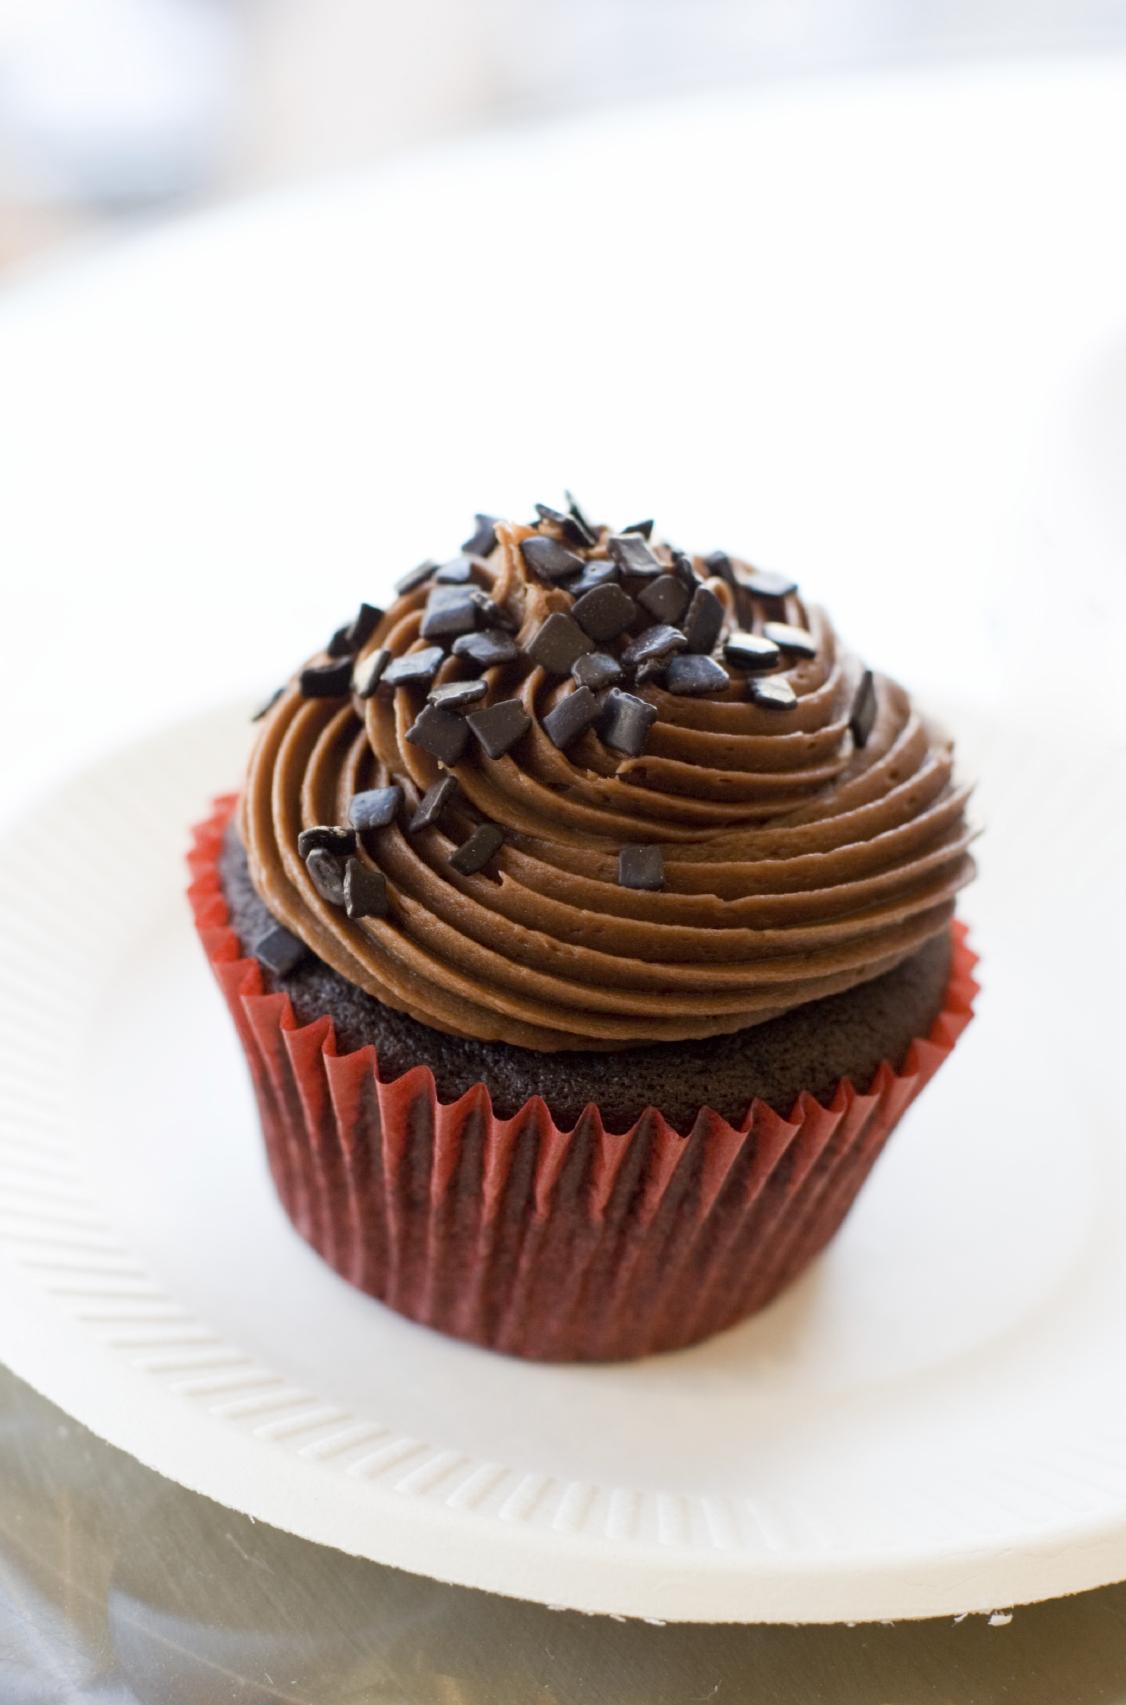 Cupcakes de chocolate con crema de chocolate y mantequilla